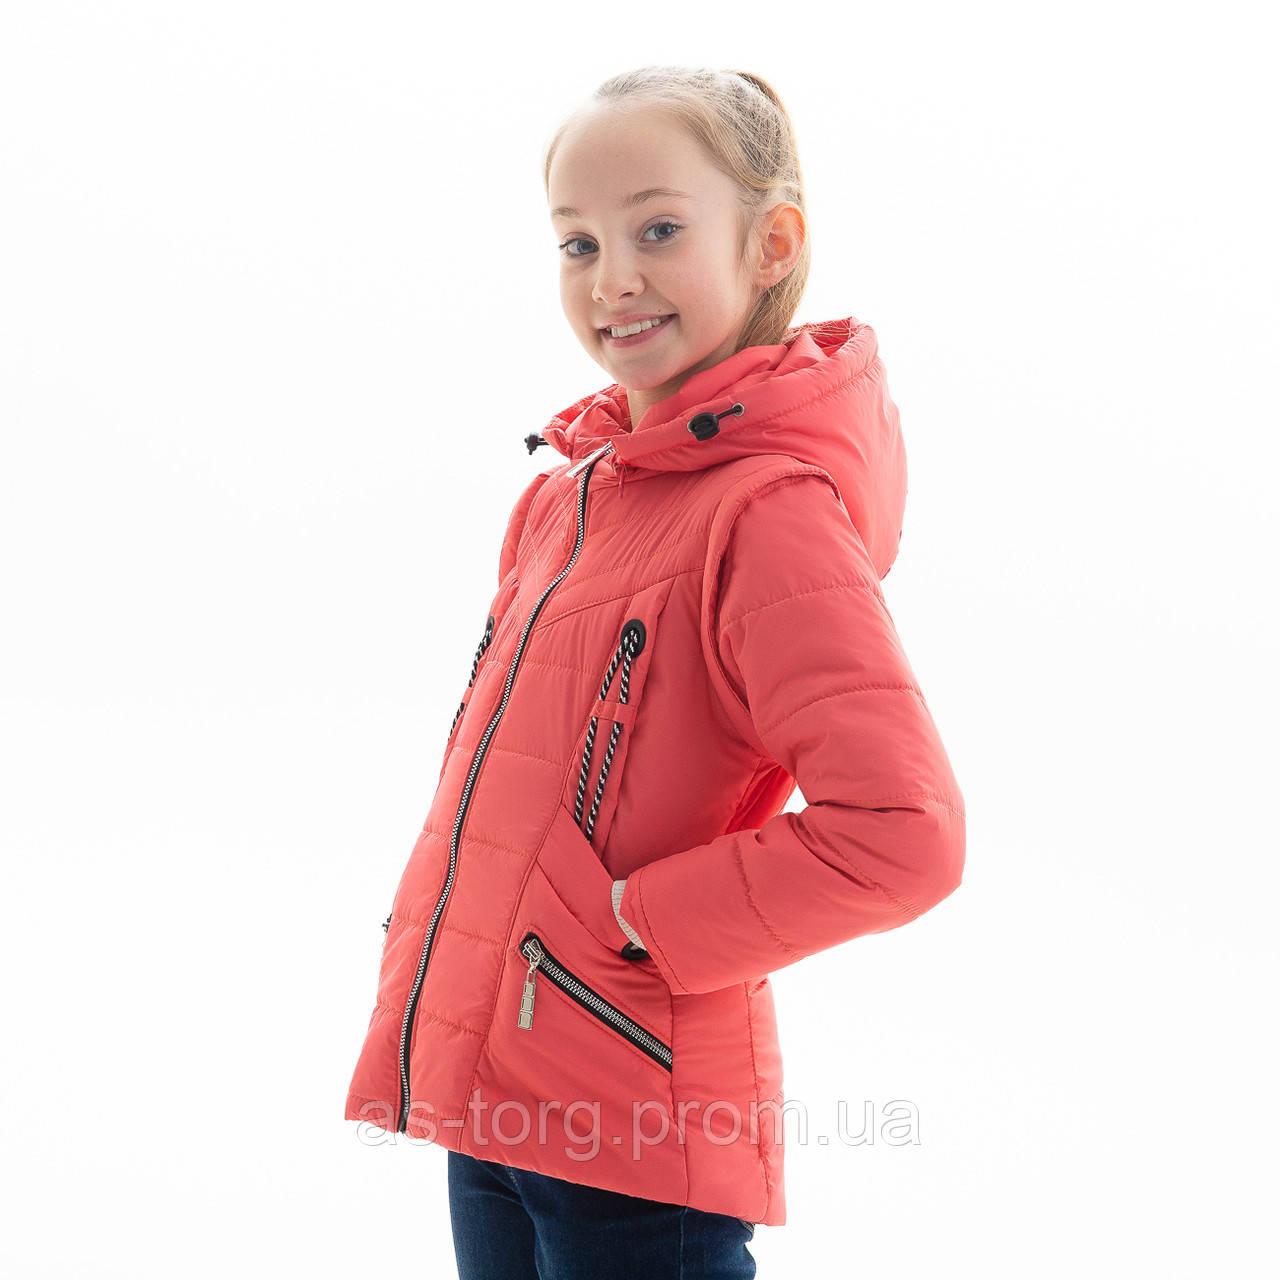 Куртка-жилет для девочки «Ульяна»